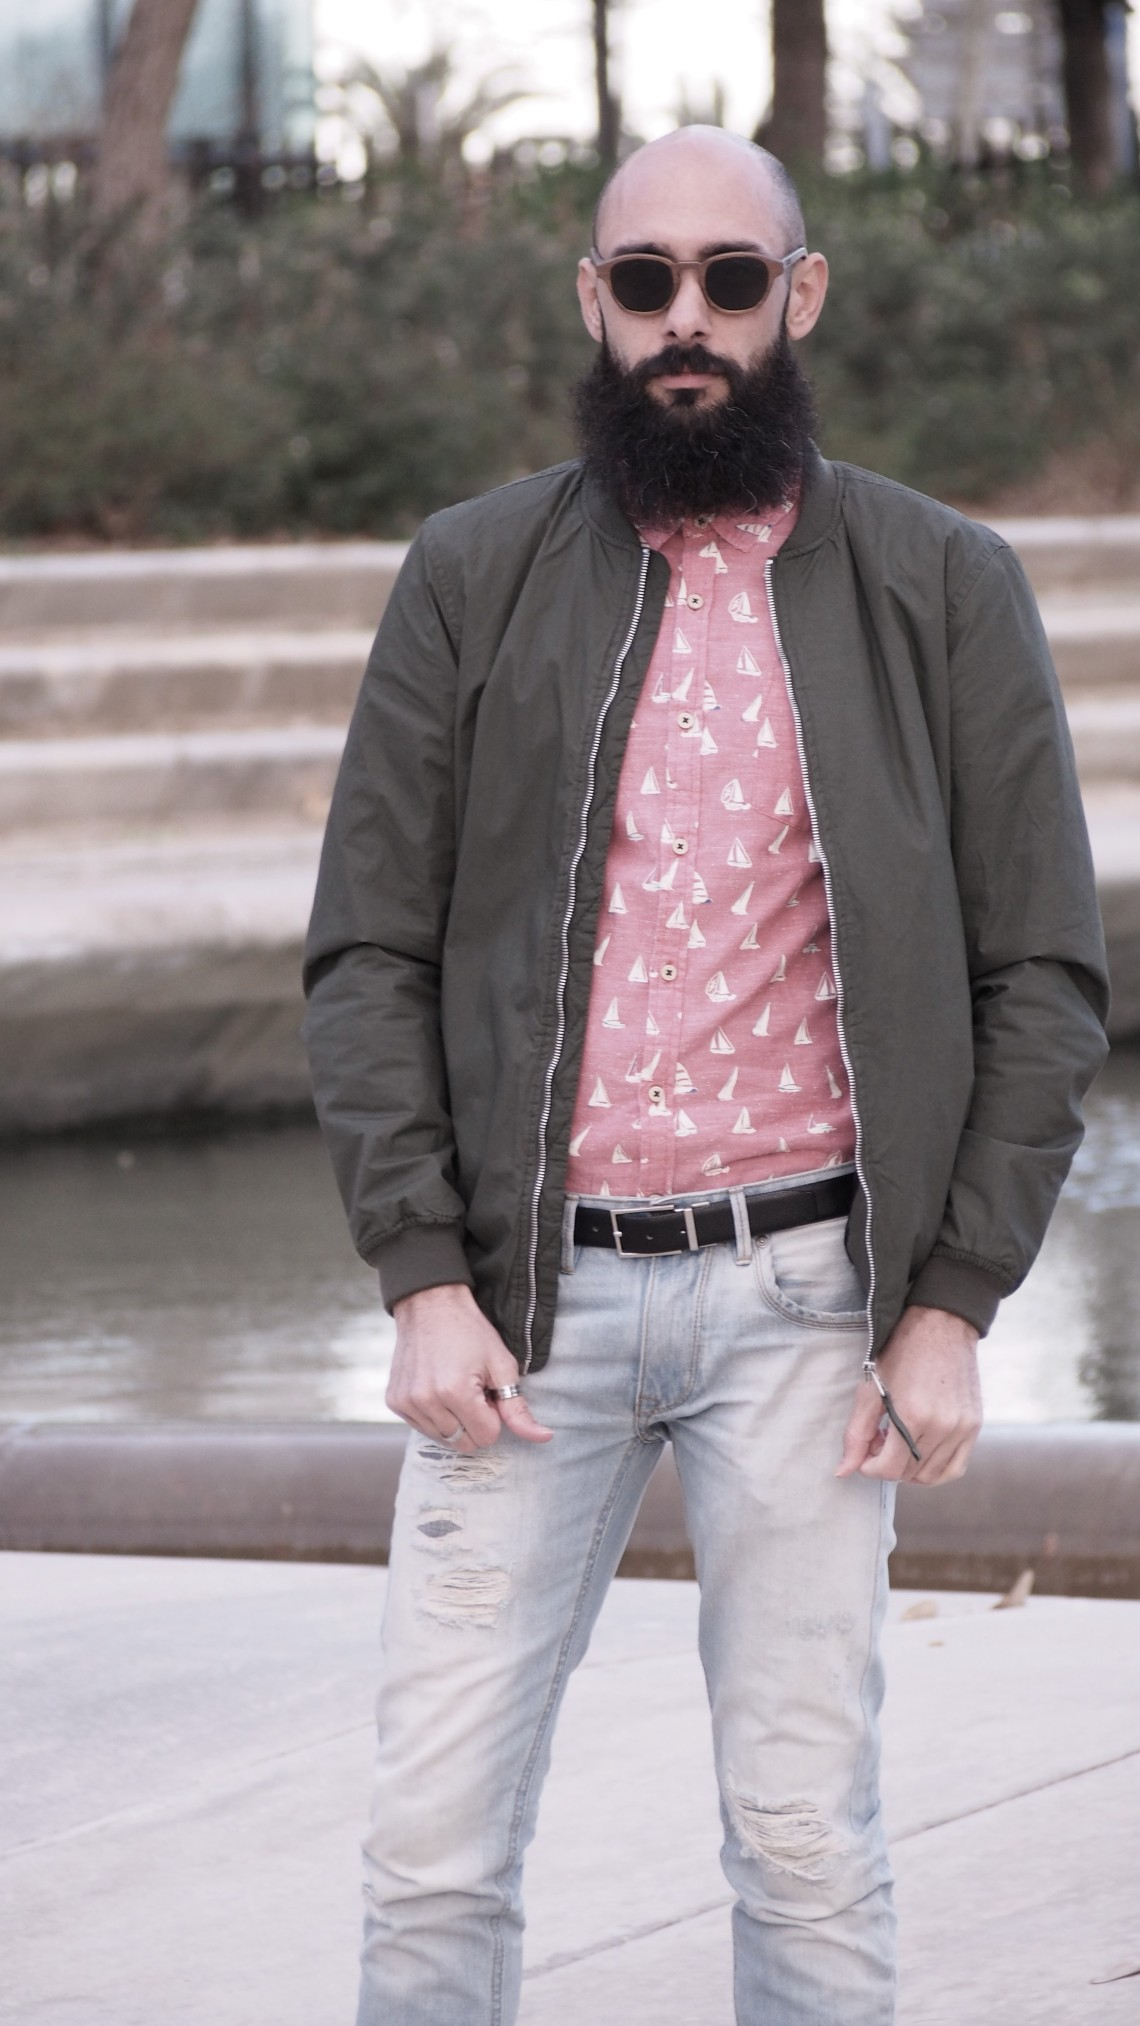 matchy matchy pantalon bajo roto normcore girl bearded villains spain my barba